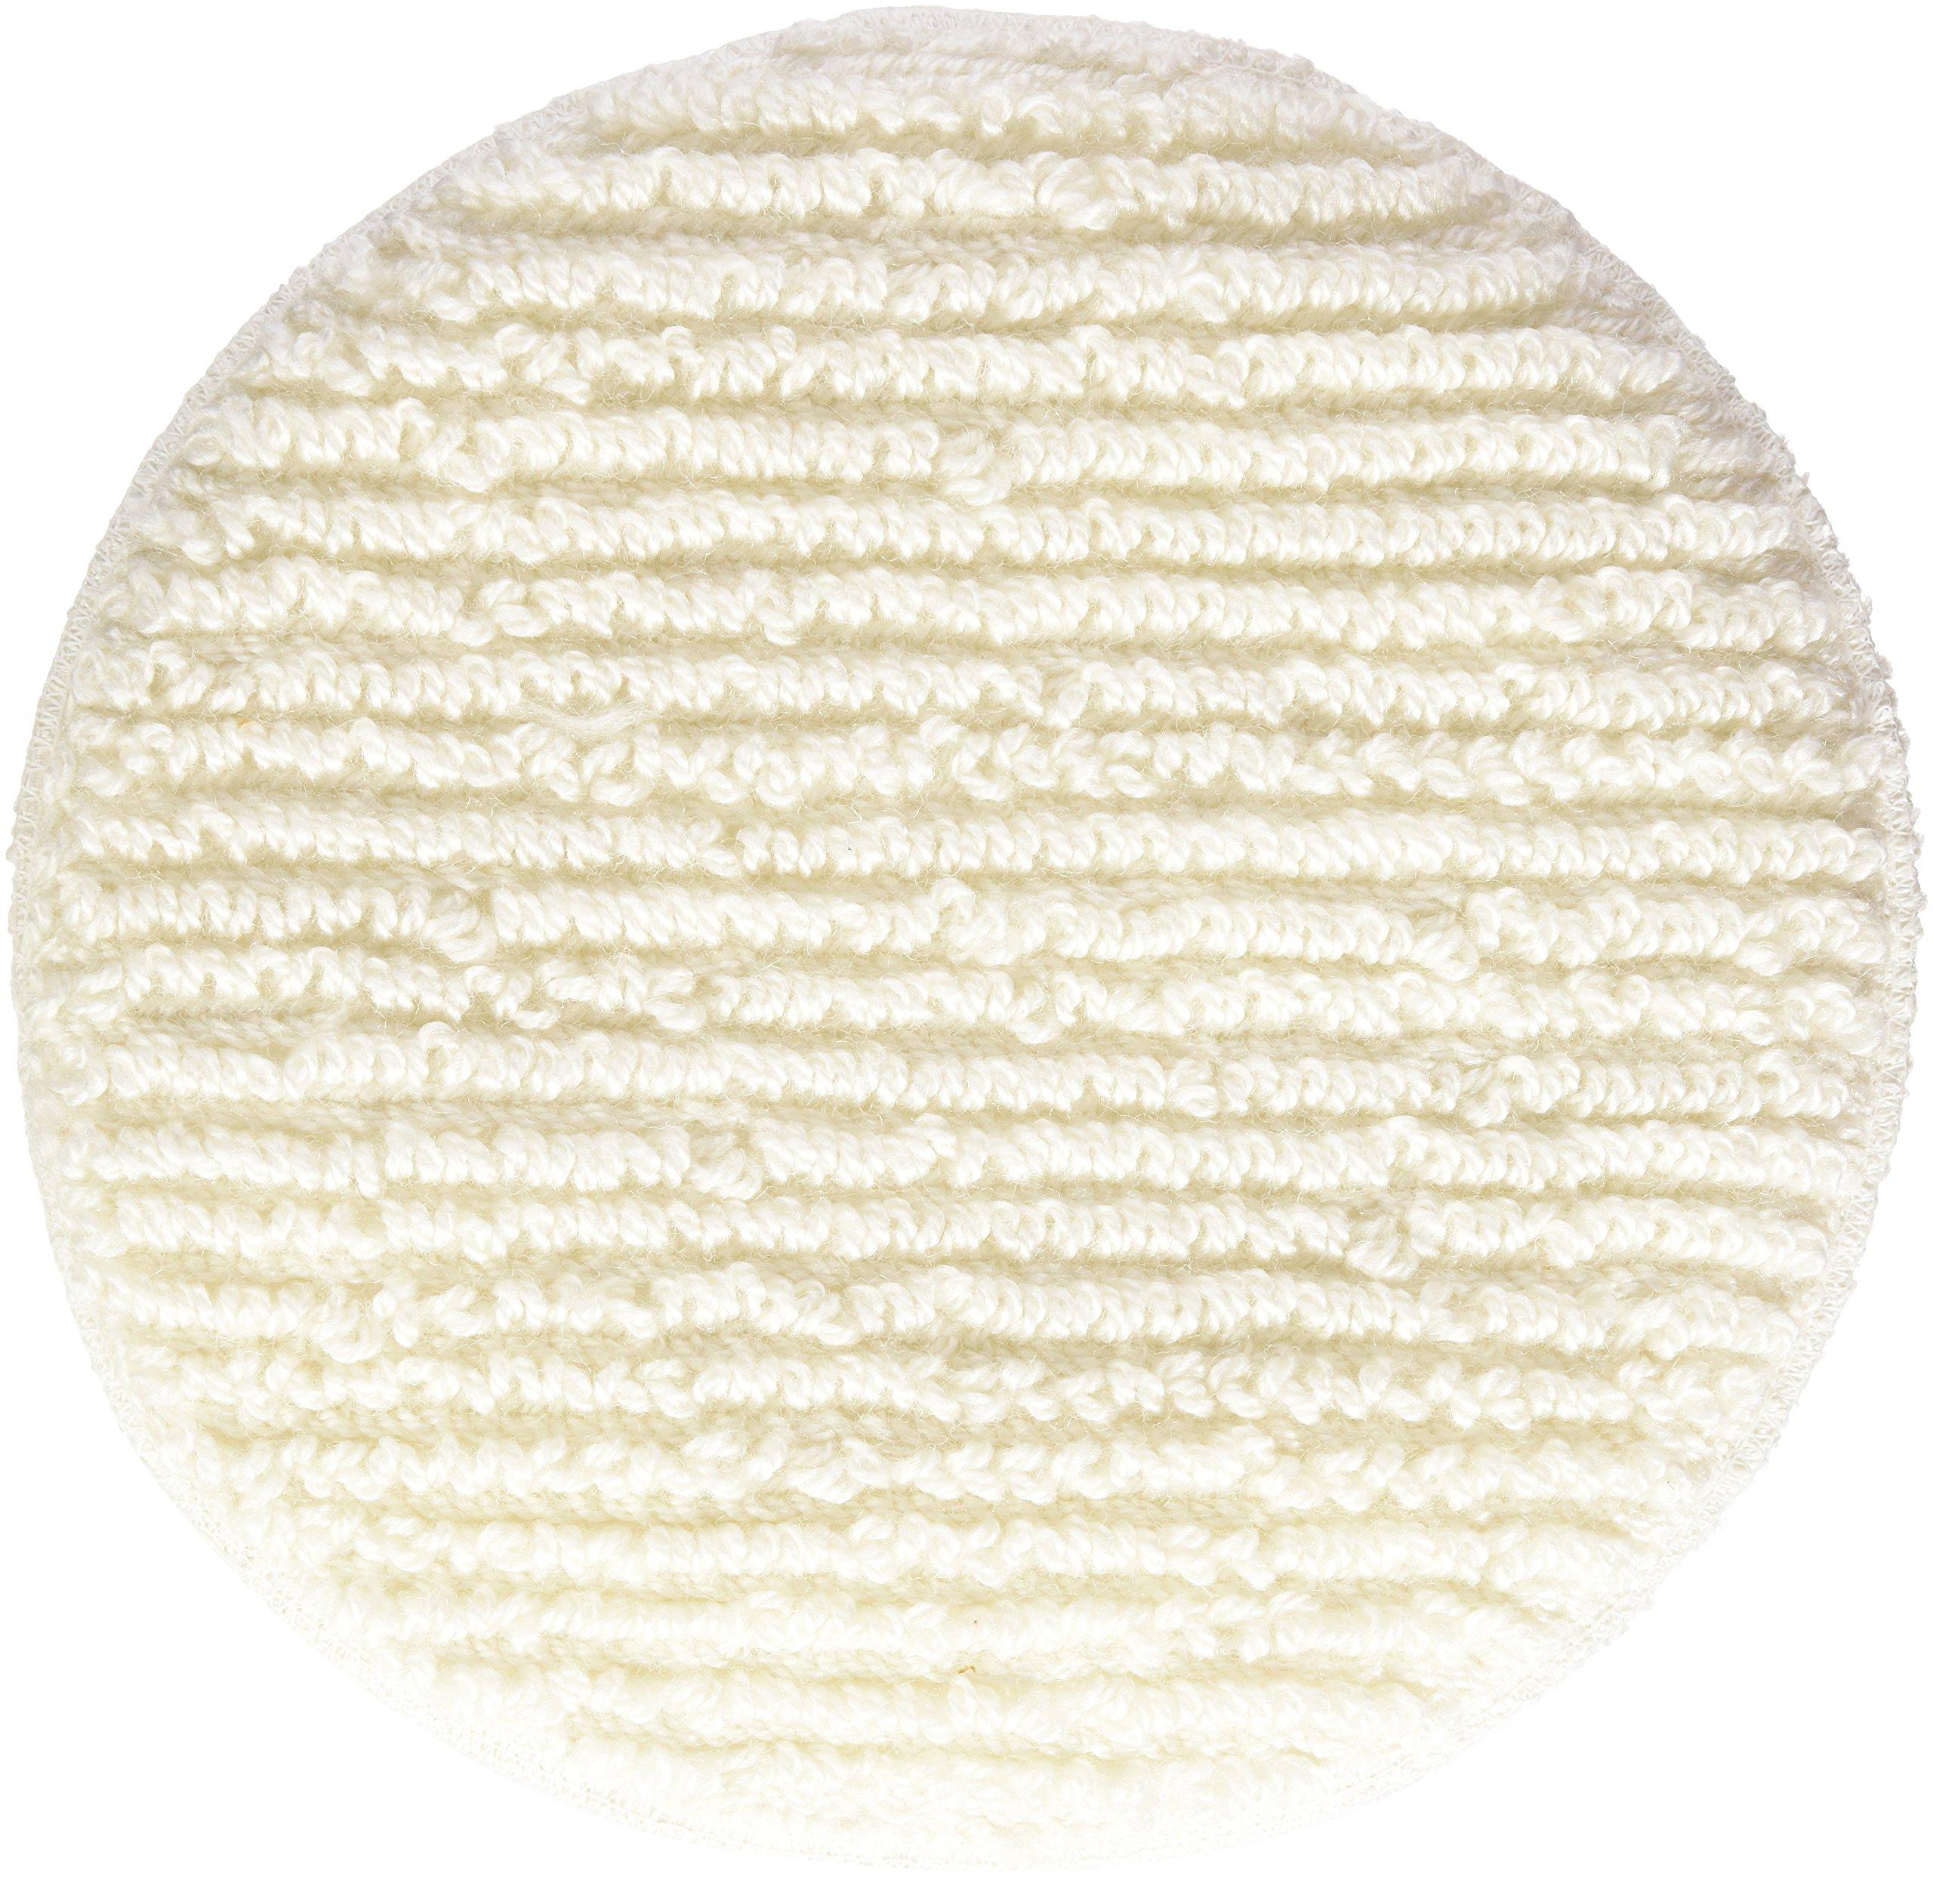 Hardware Supply Mall Oreck Commercial 437053 Orbiter Bonnet 12 Diameter White